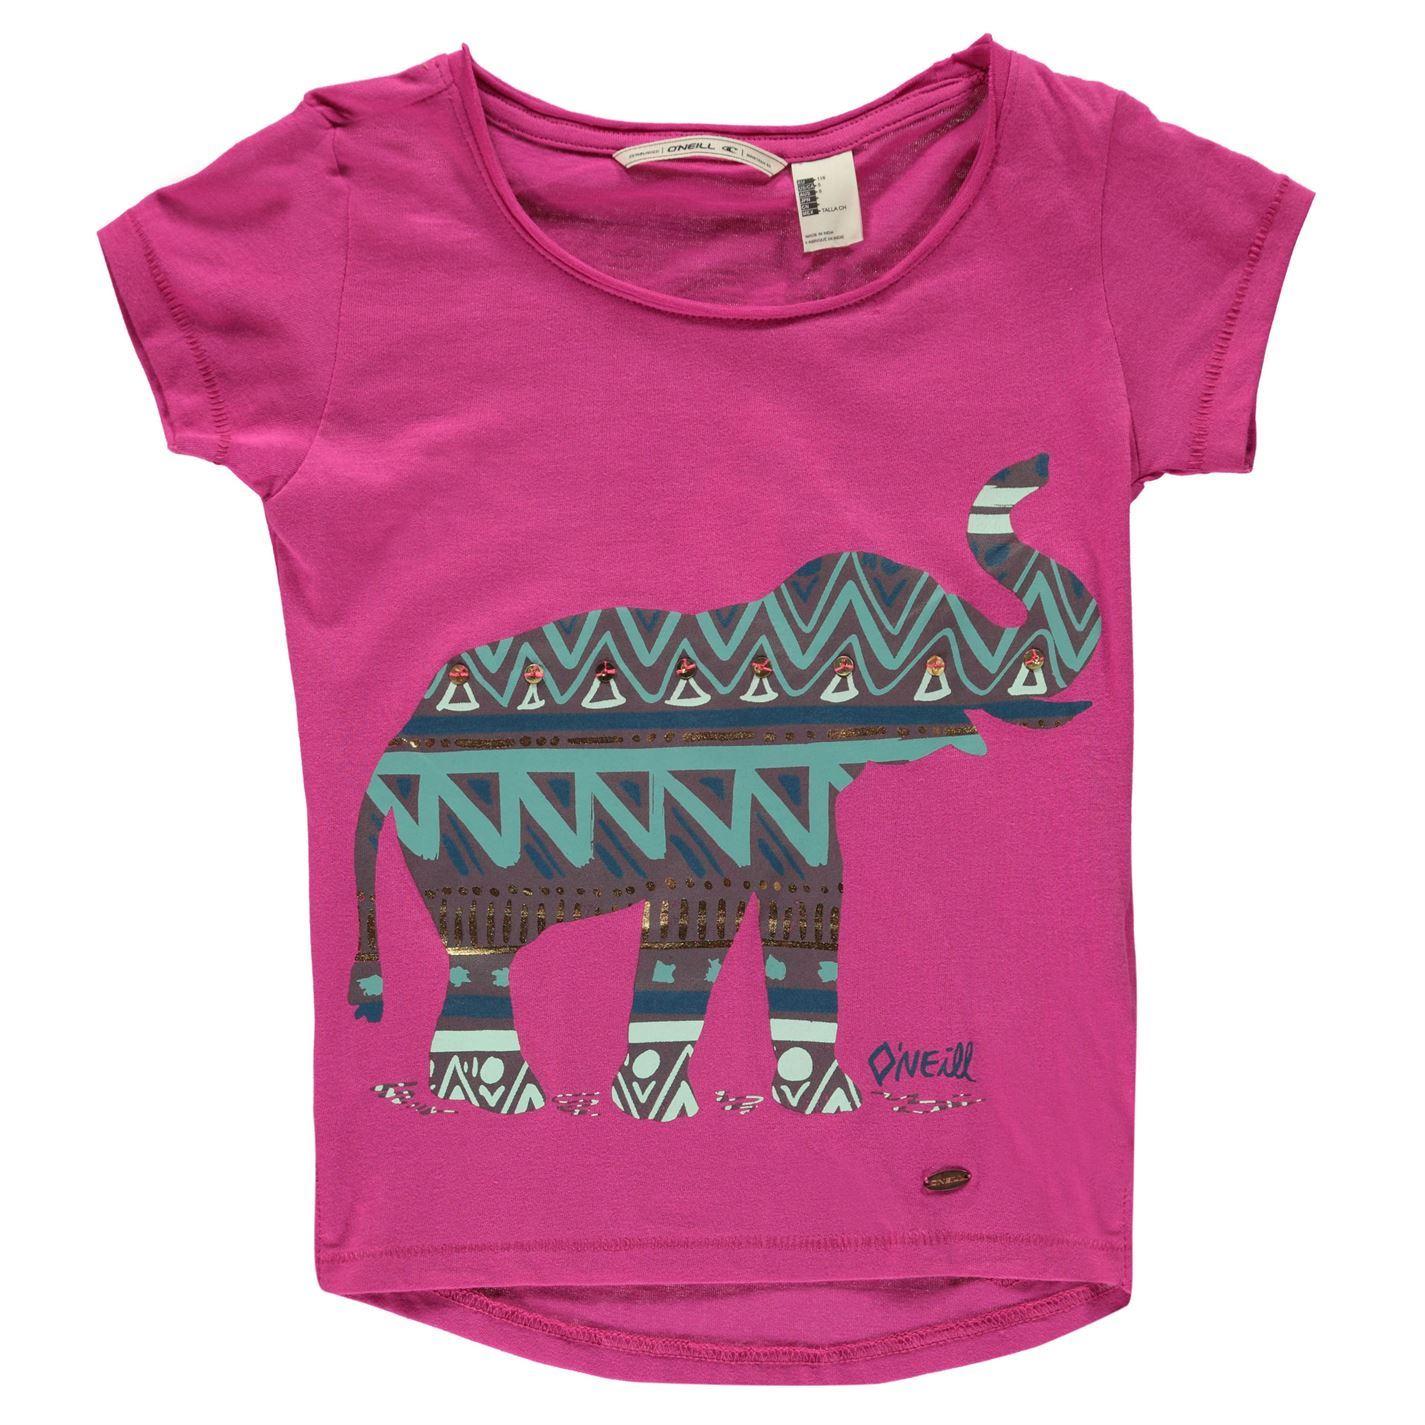 ONeill-Mandala-T-Shirt-Infants-Girls-Crew-Neck-